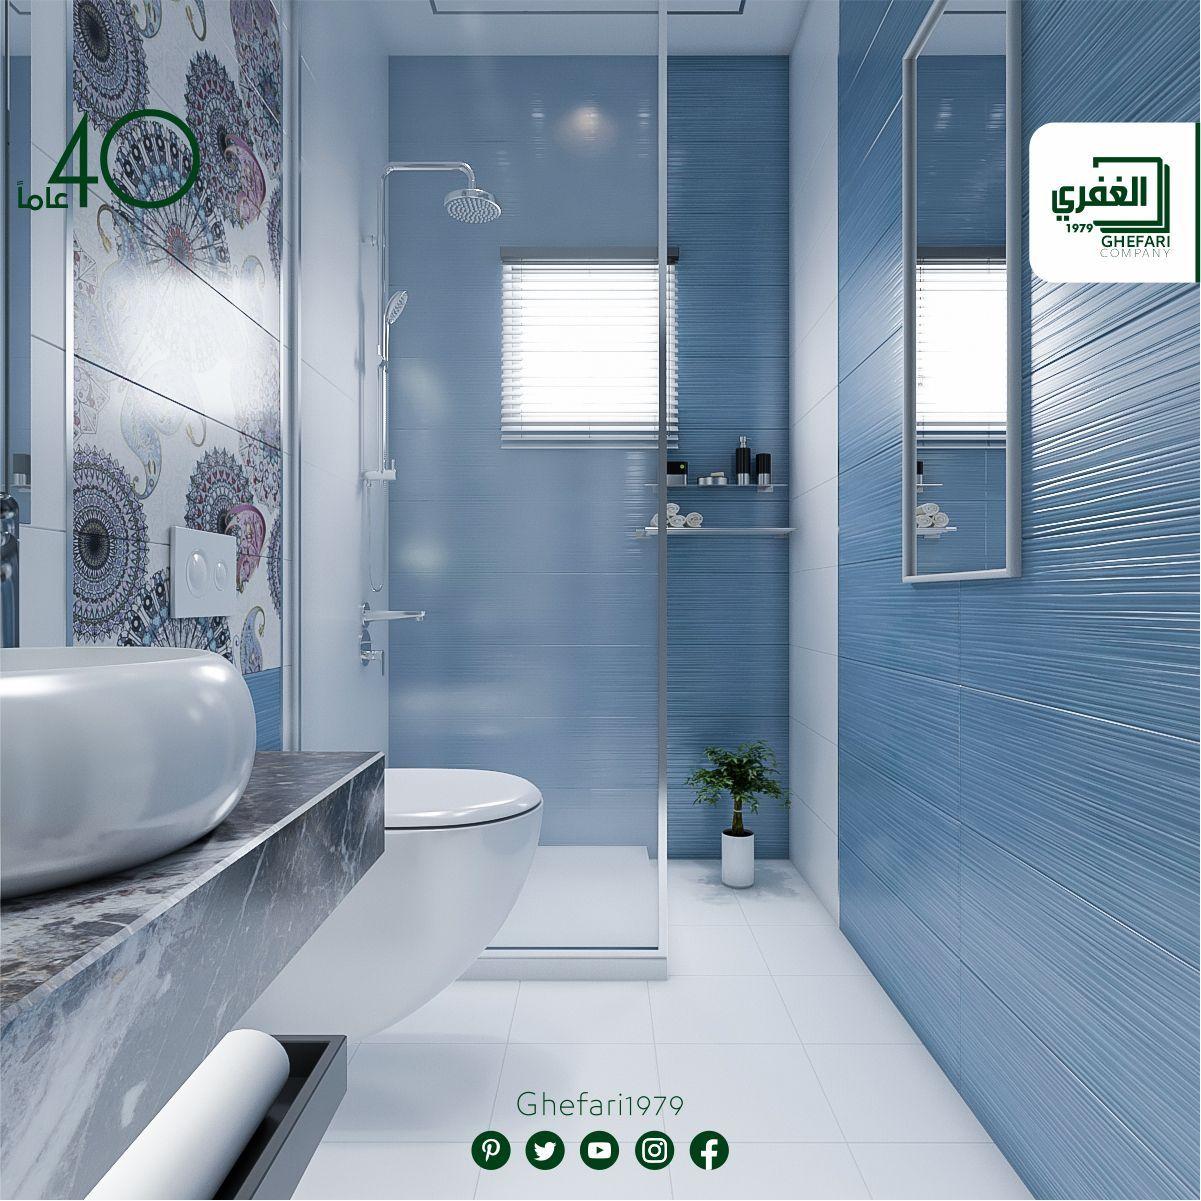 كراميكا حوائط حمامات مطبخ اسباني الصنع مقاس 25x75 ديكور 25x75 للمزيد زورونا على موقع الشركة Https Www Ghefari Com Ar Bathtub Instagram Posts Bathroom